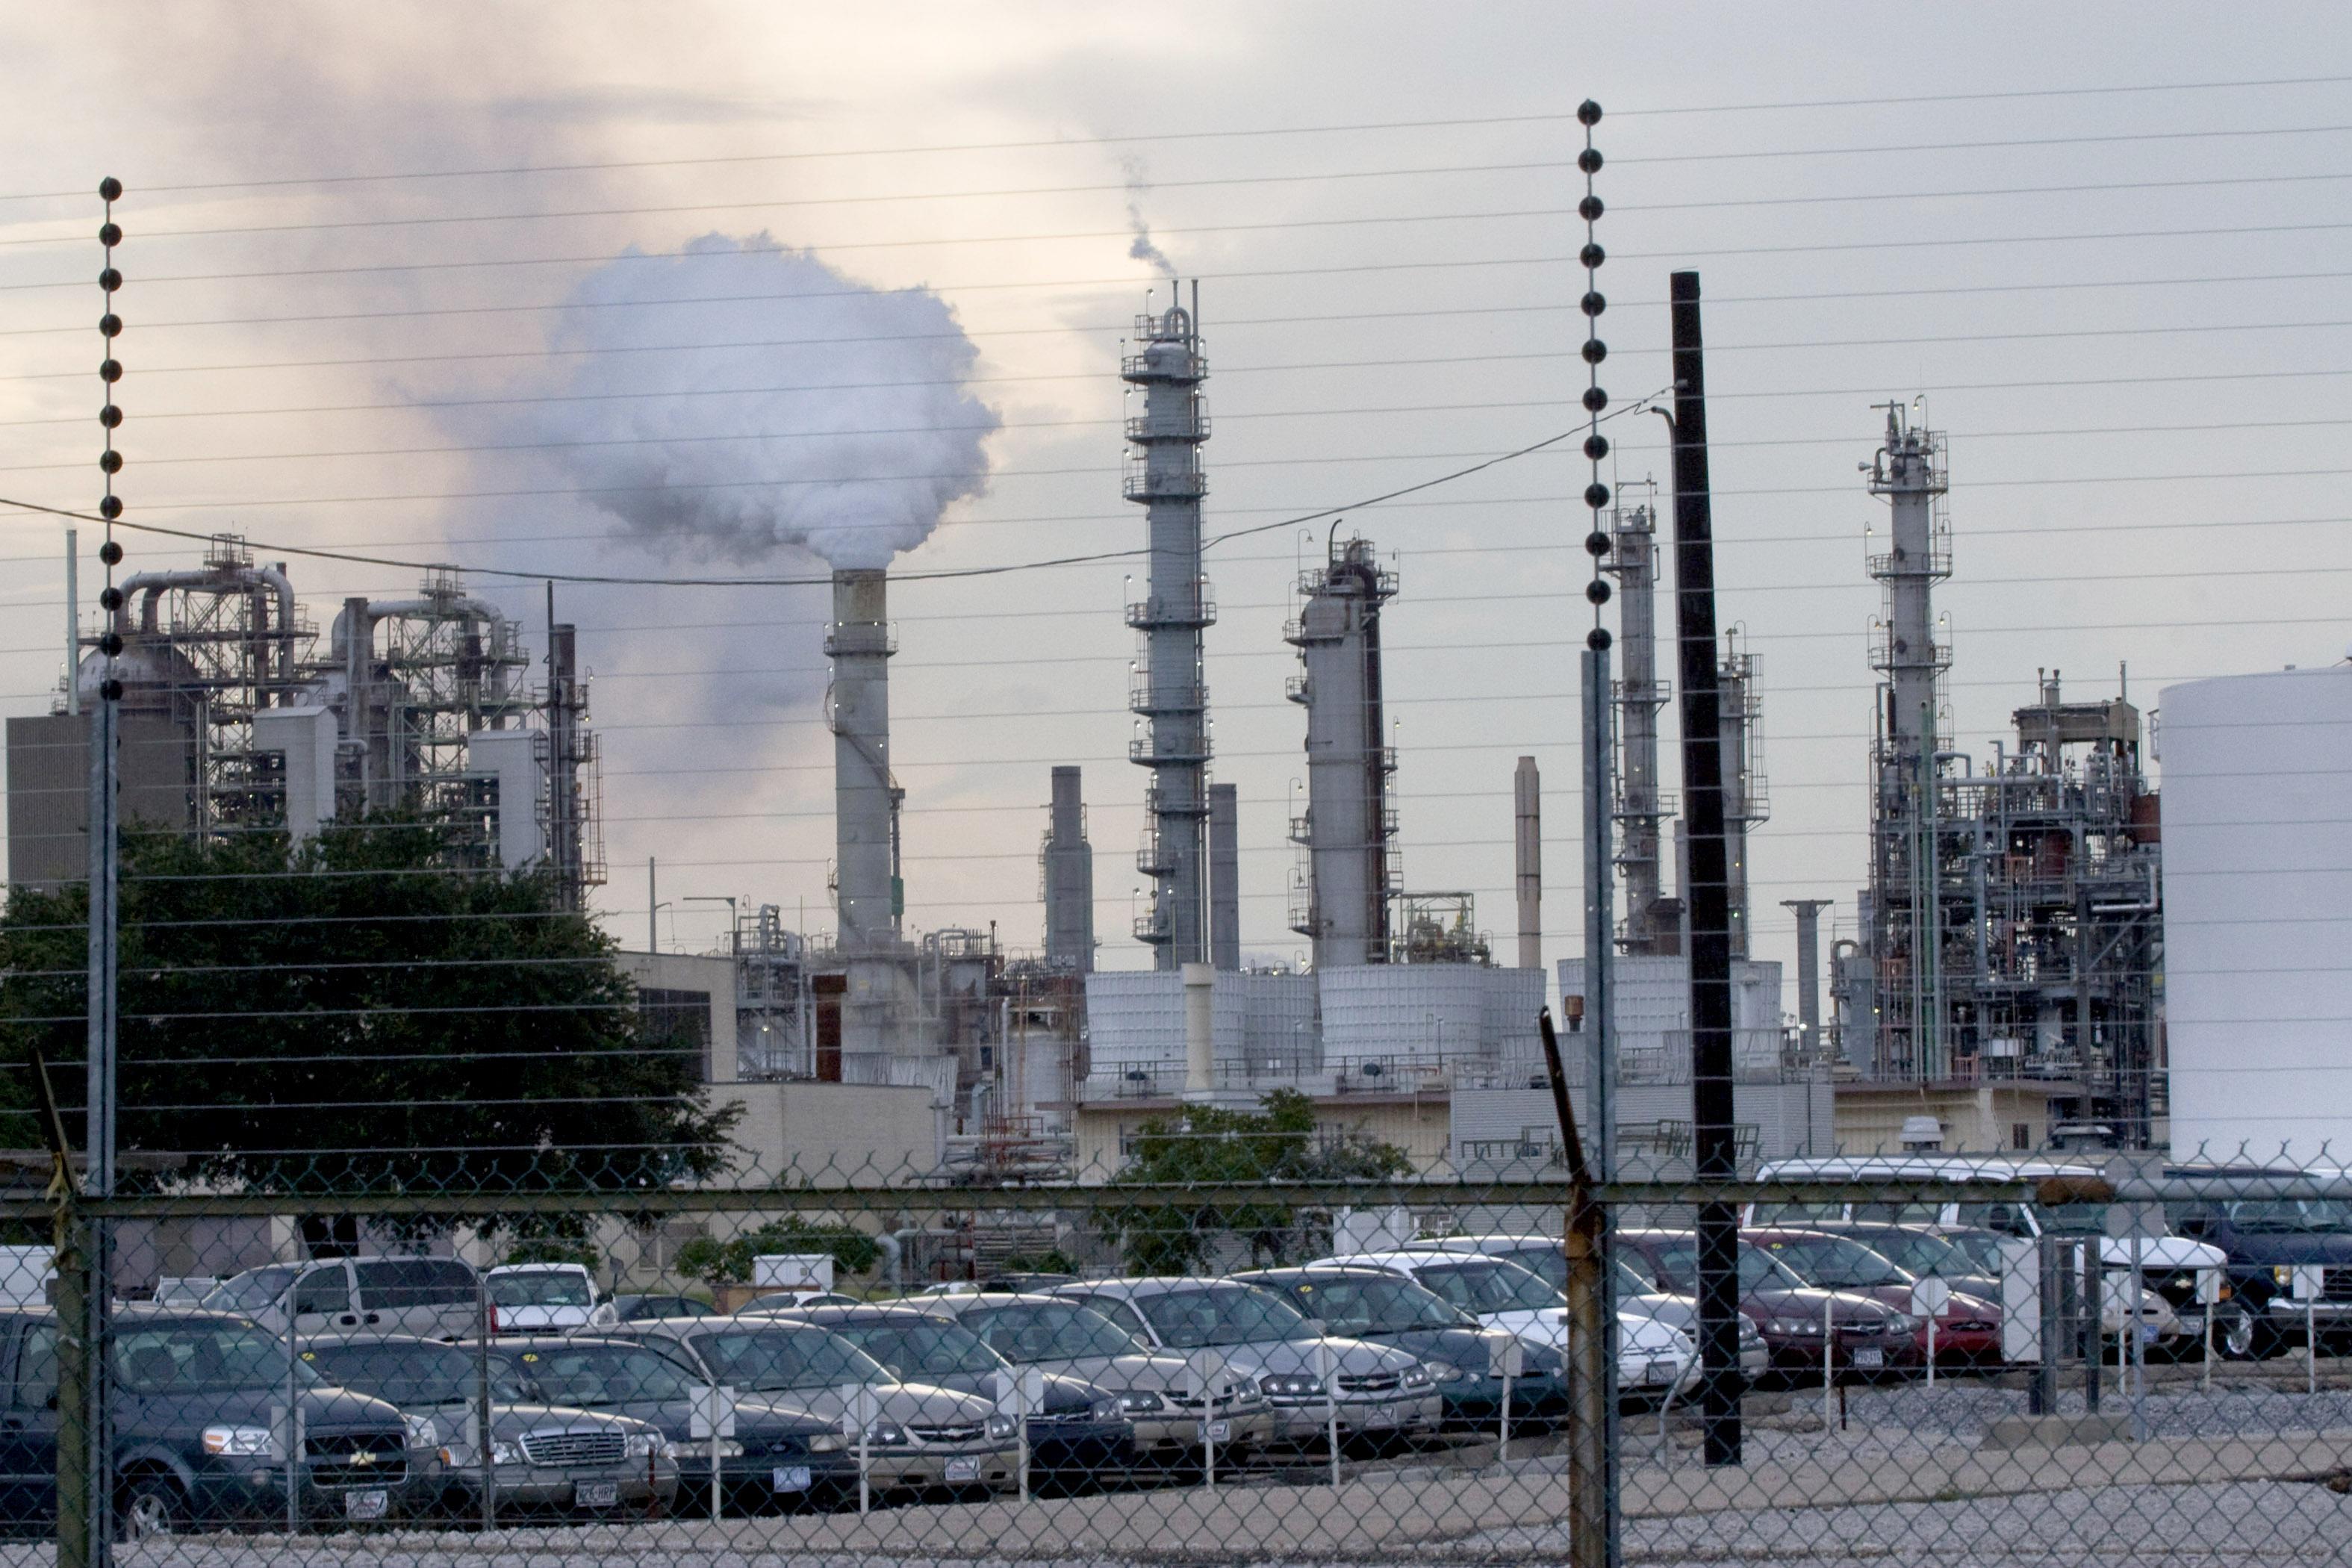 An ExxonMobil refinery in Baton Rouge, Louisiana.